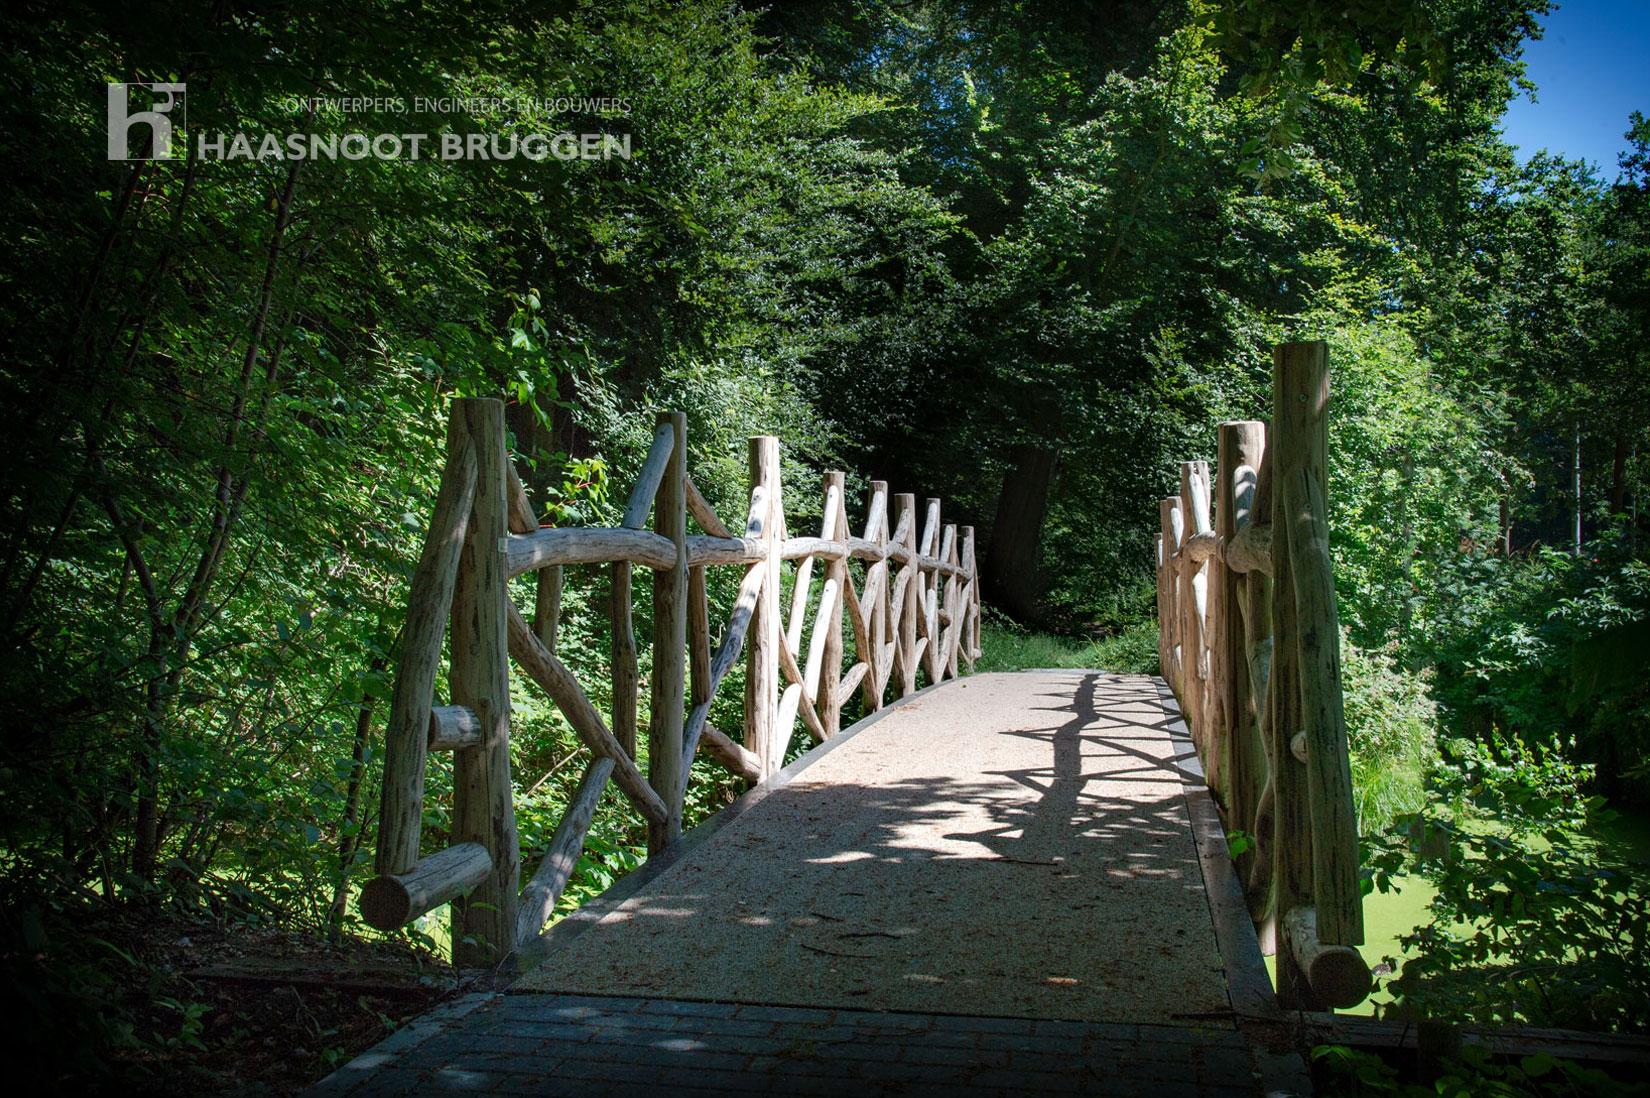 Wassenaar brug Haasnoot Bruggen